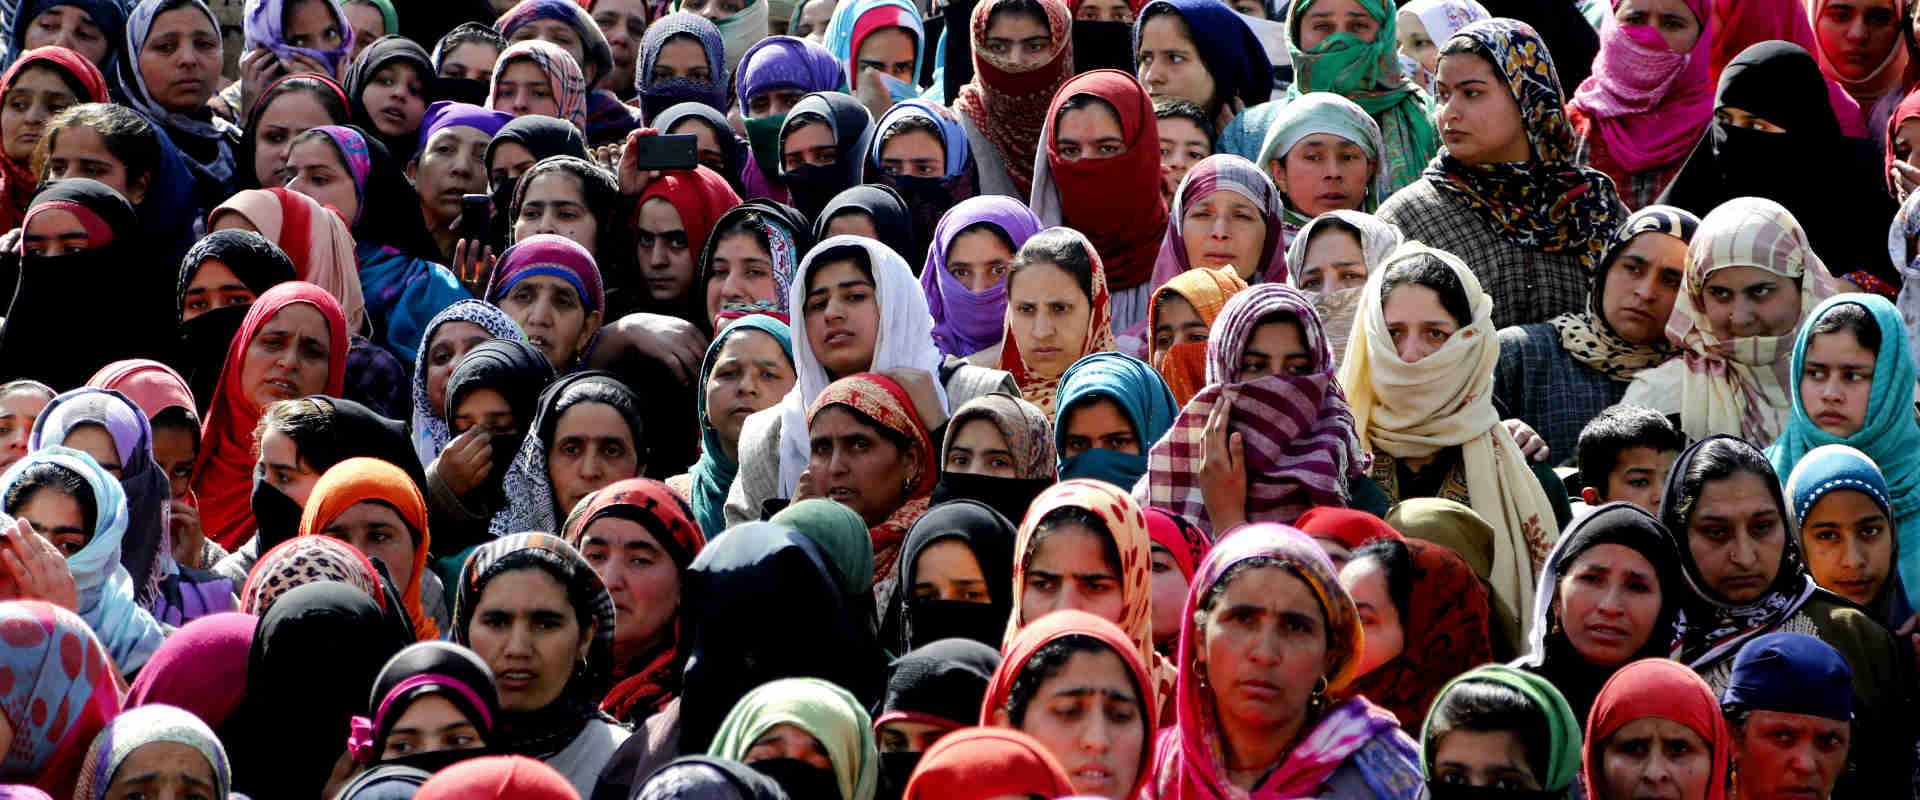 נשים בקשמיר, הודו